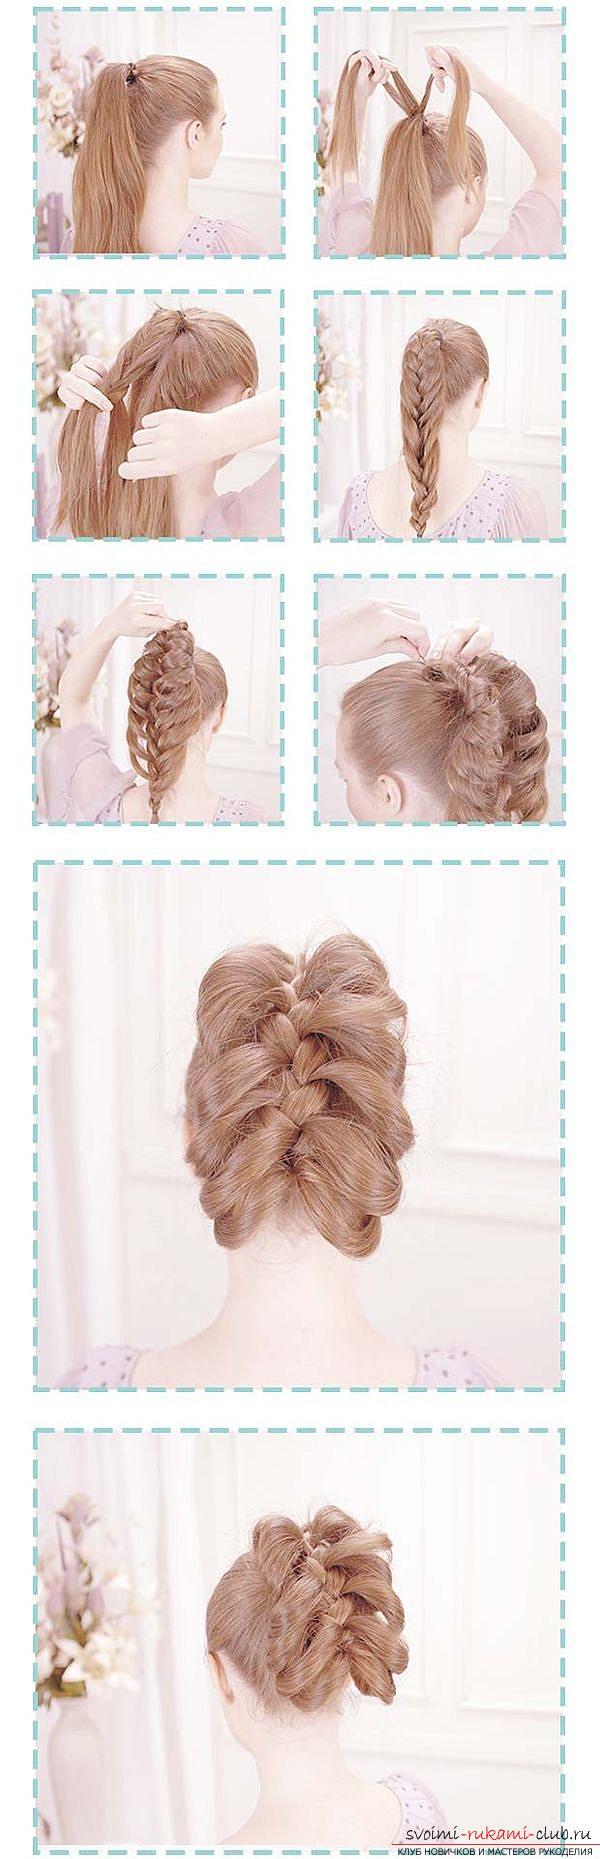 Плетение длинные волосы в домашних условиях своими руками